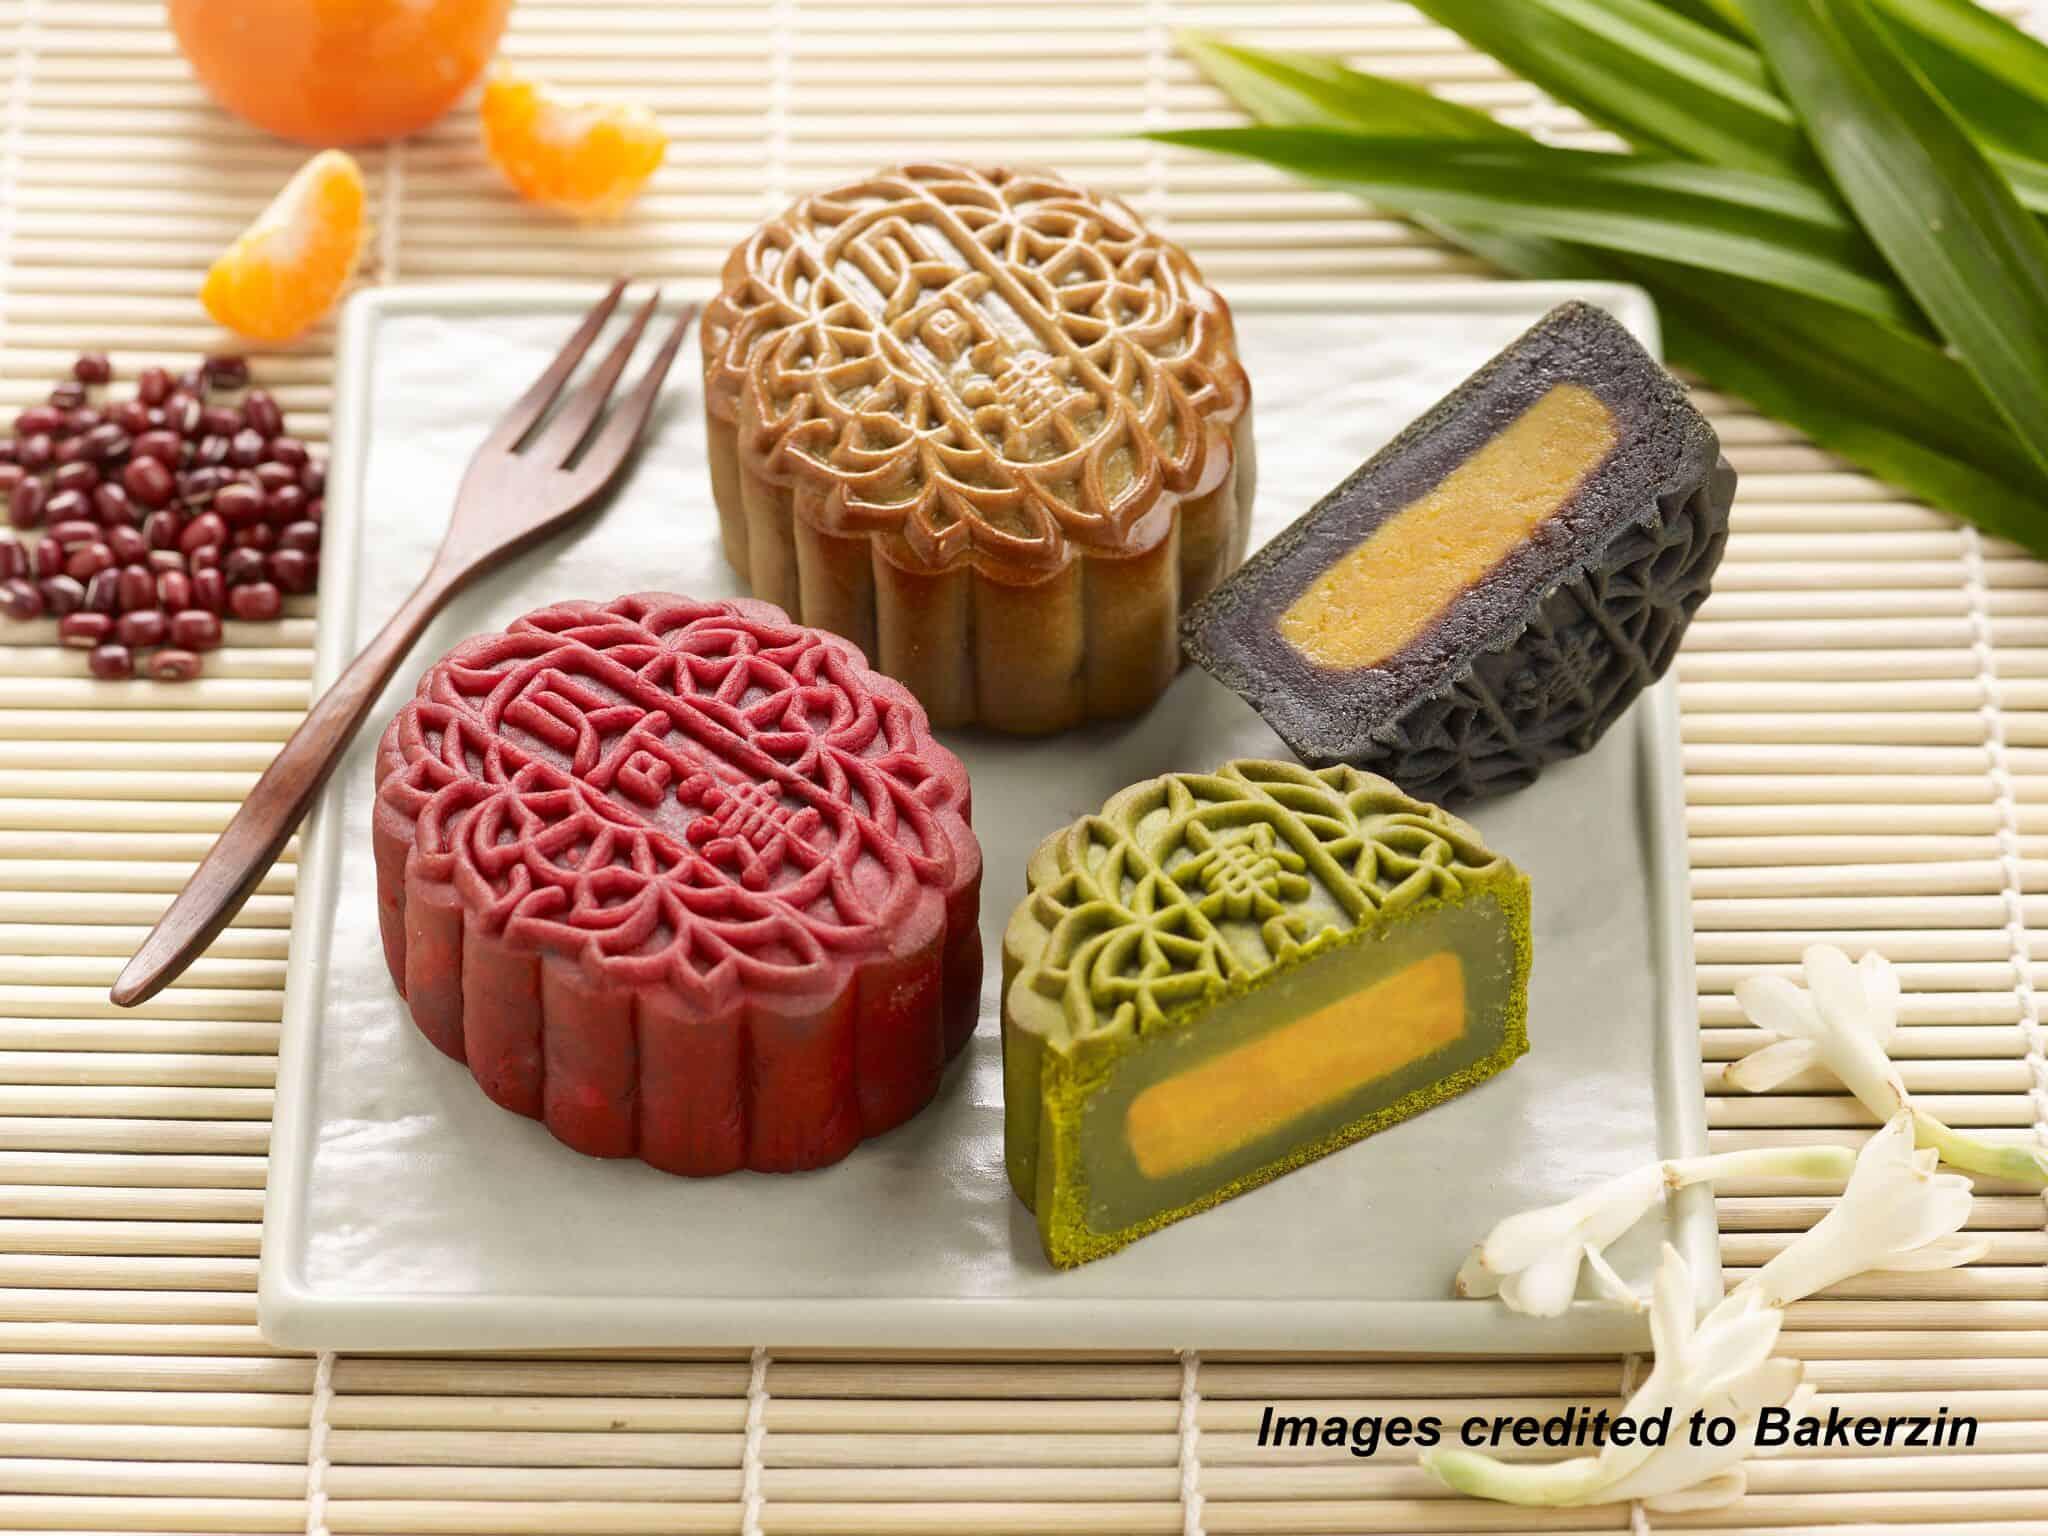 Bakerzin Mooncakes